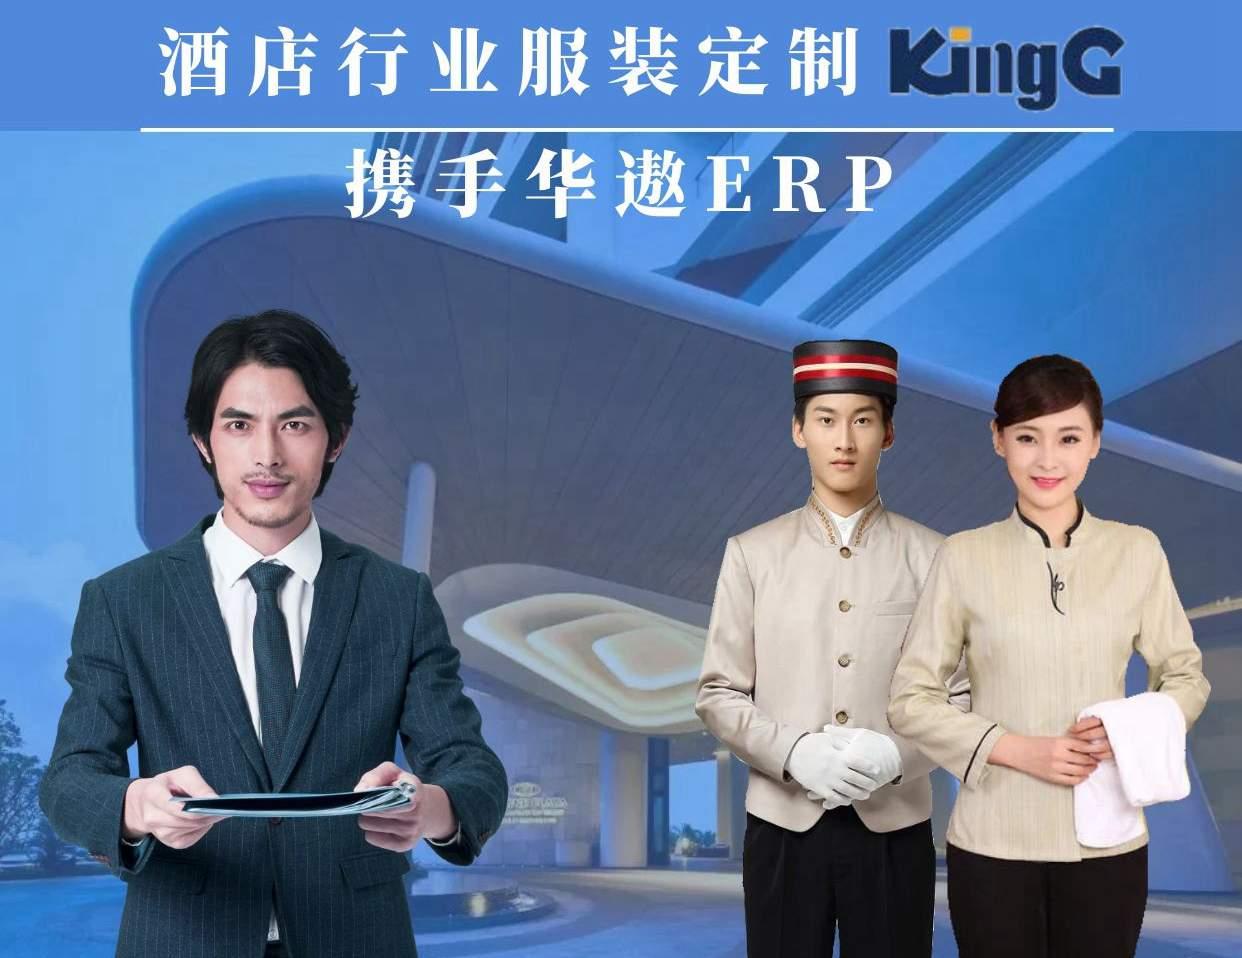 金智服装携手华遨服装ERP打造酒店制服定制专业品牌